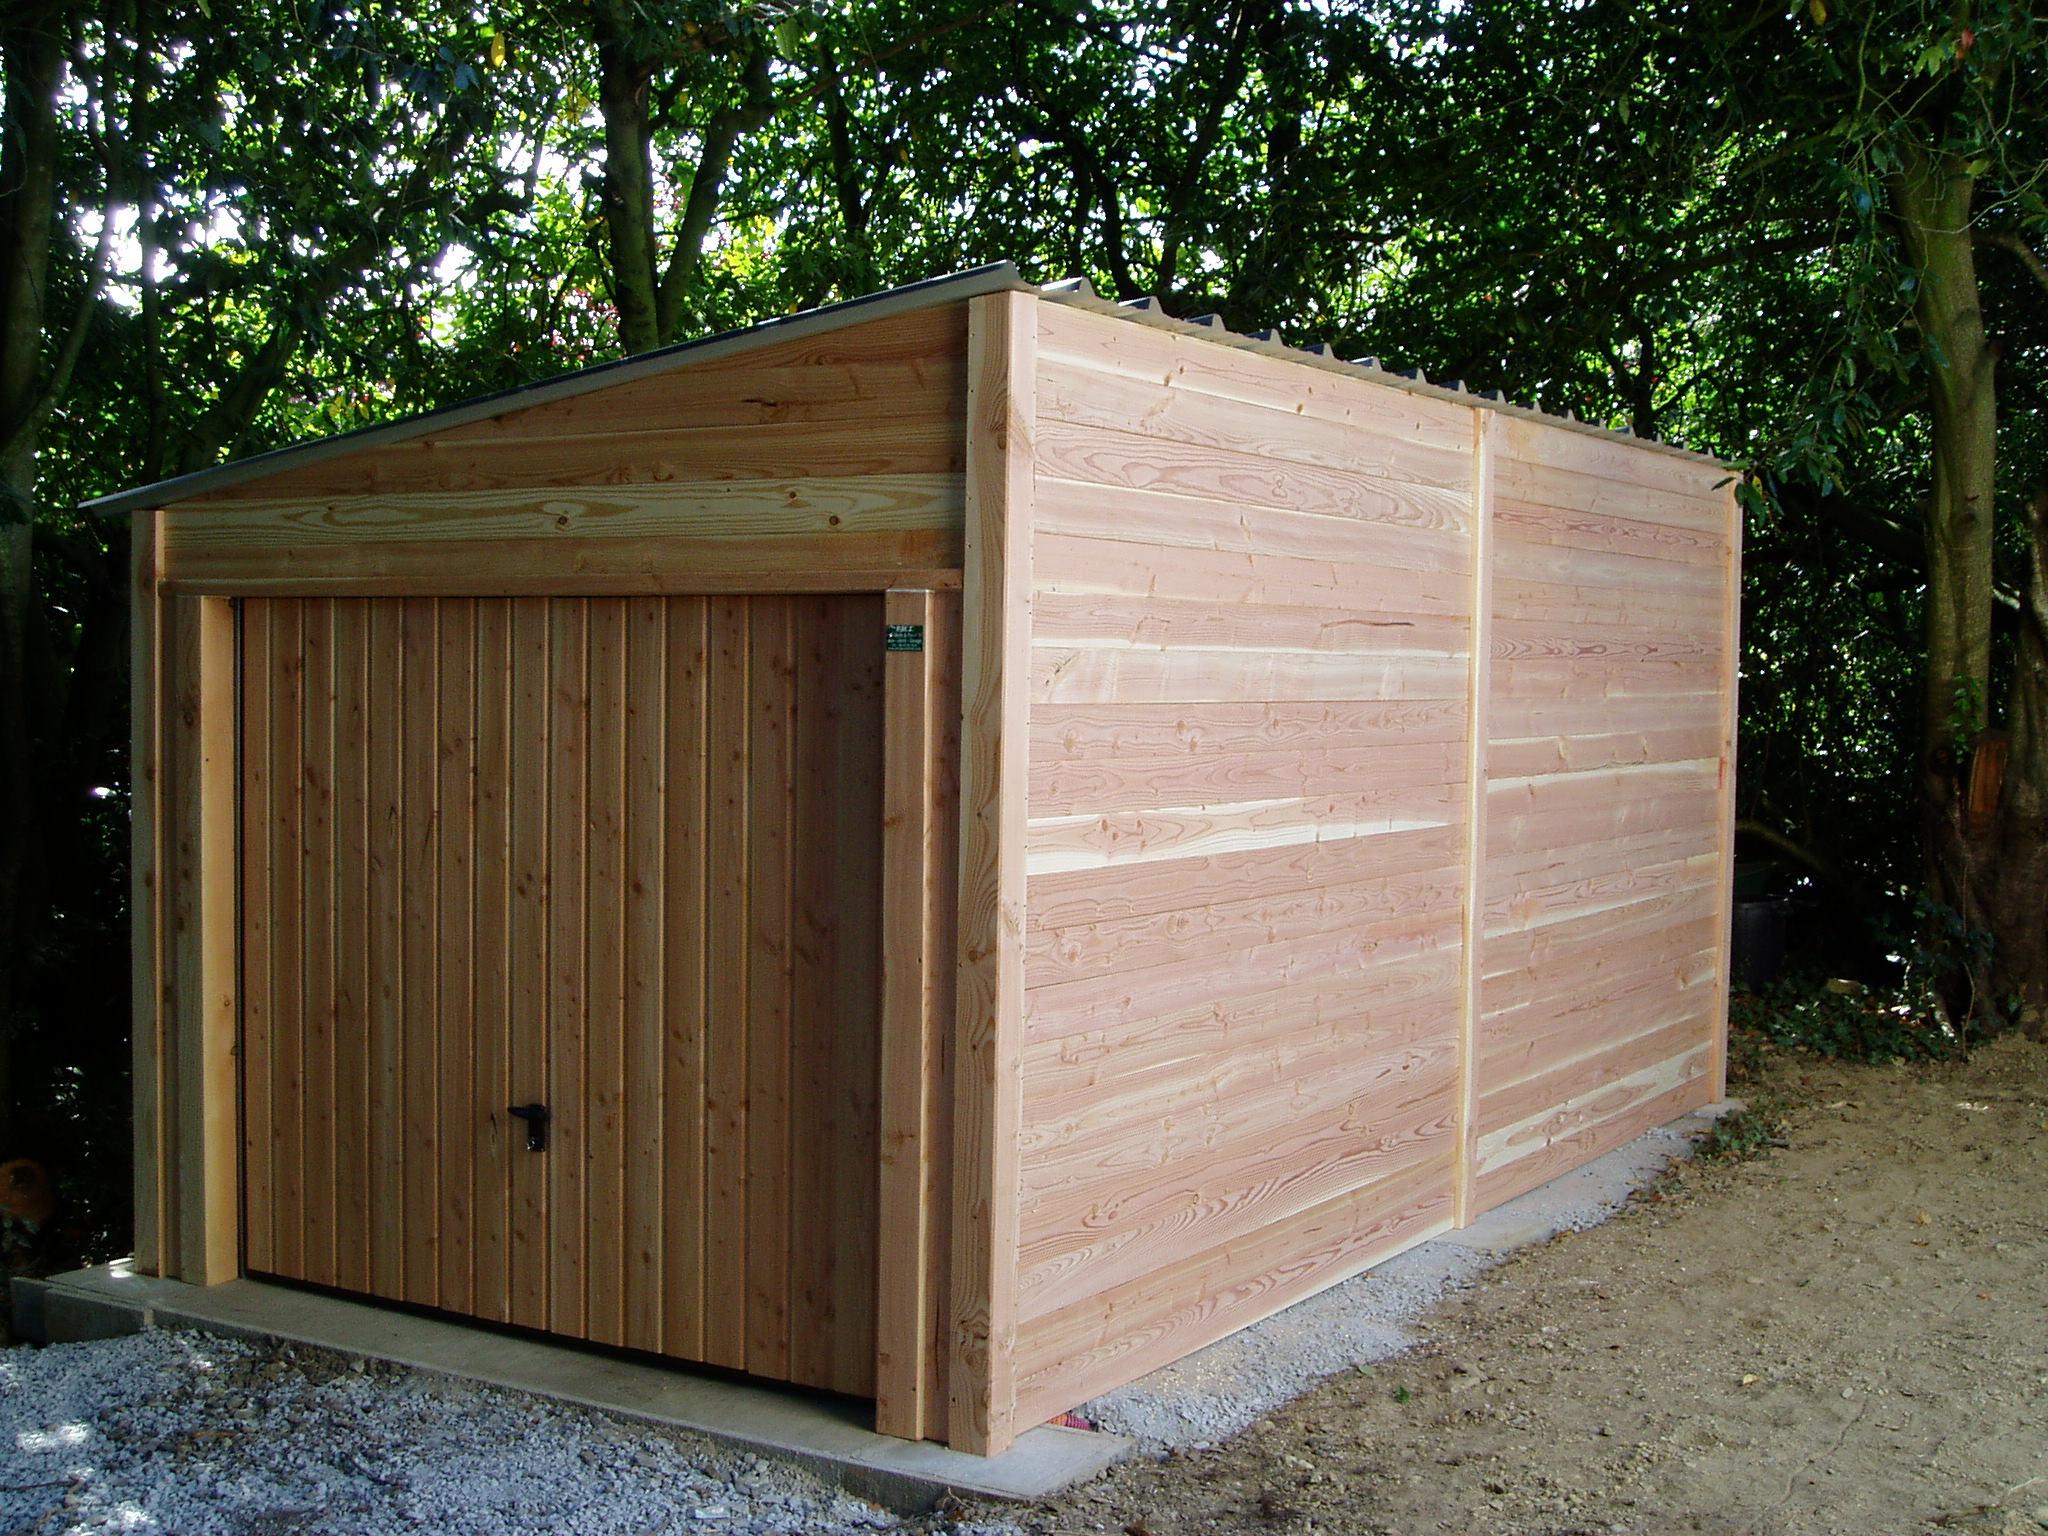 Garage 6 X 3 - 1 Pente concernant Abri De Jardin 1 Pente